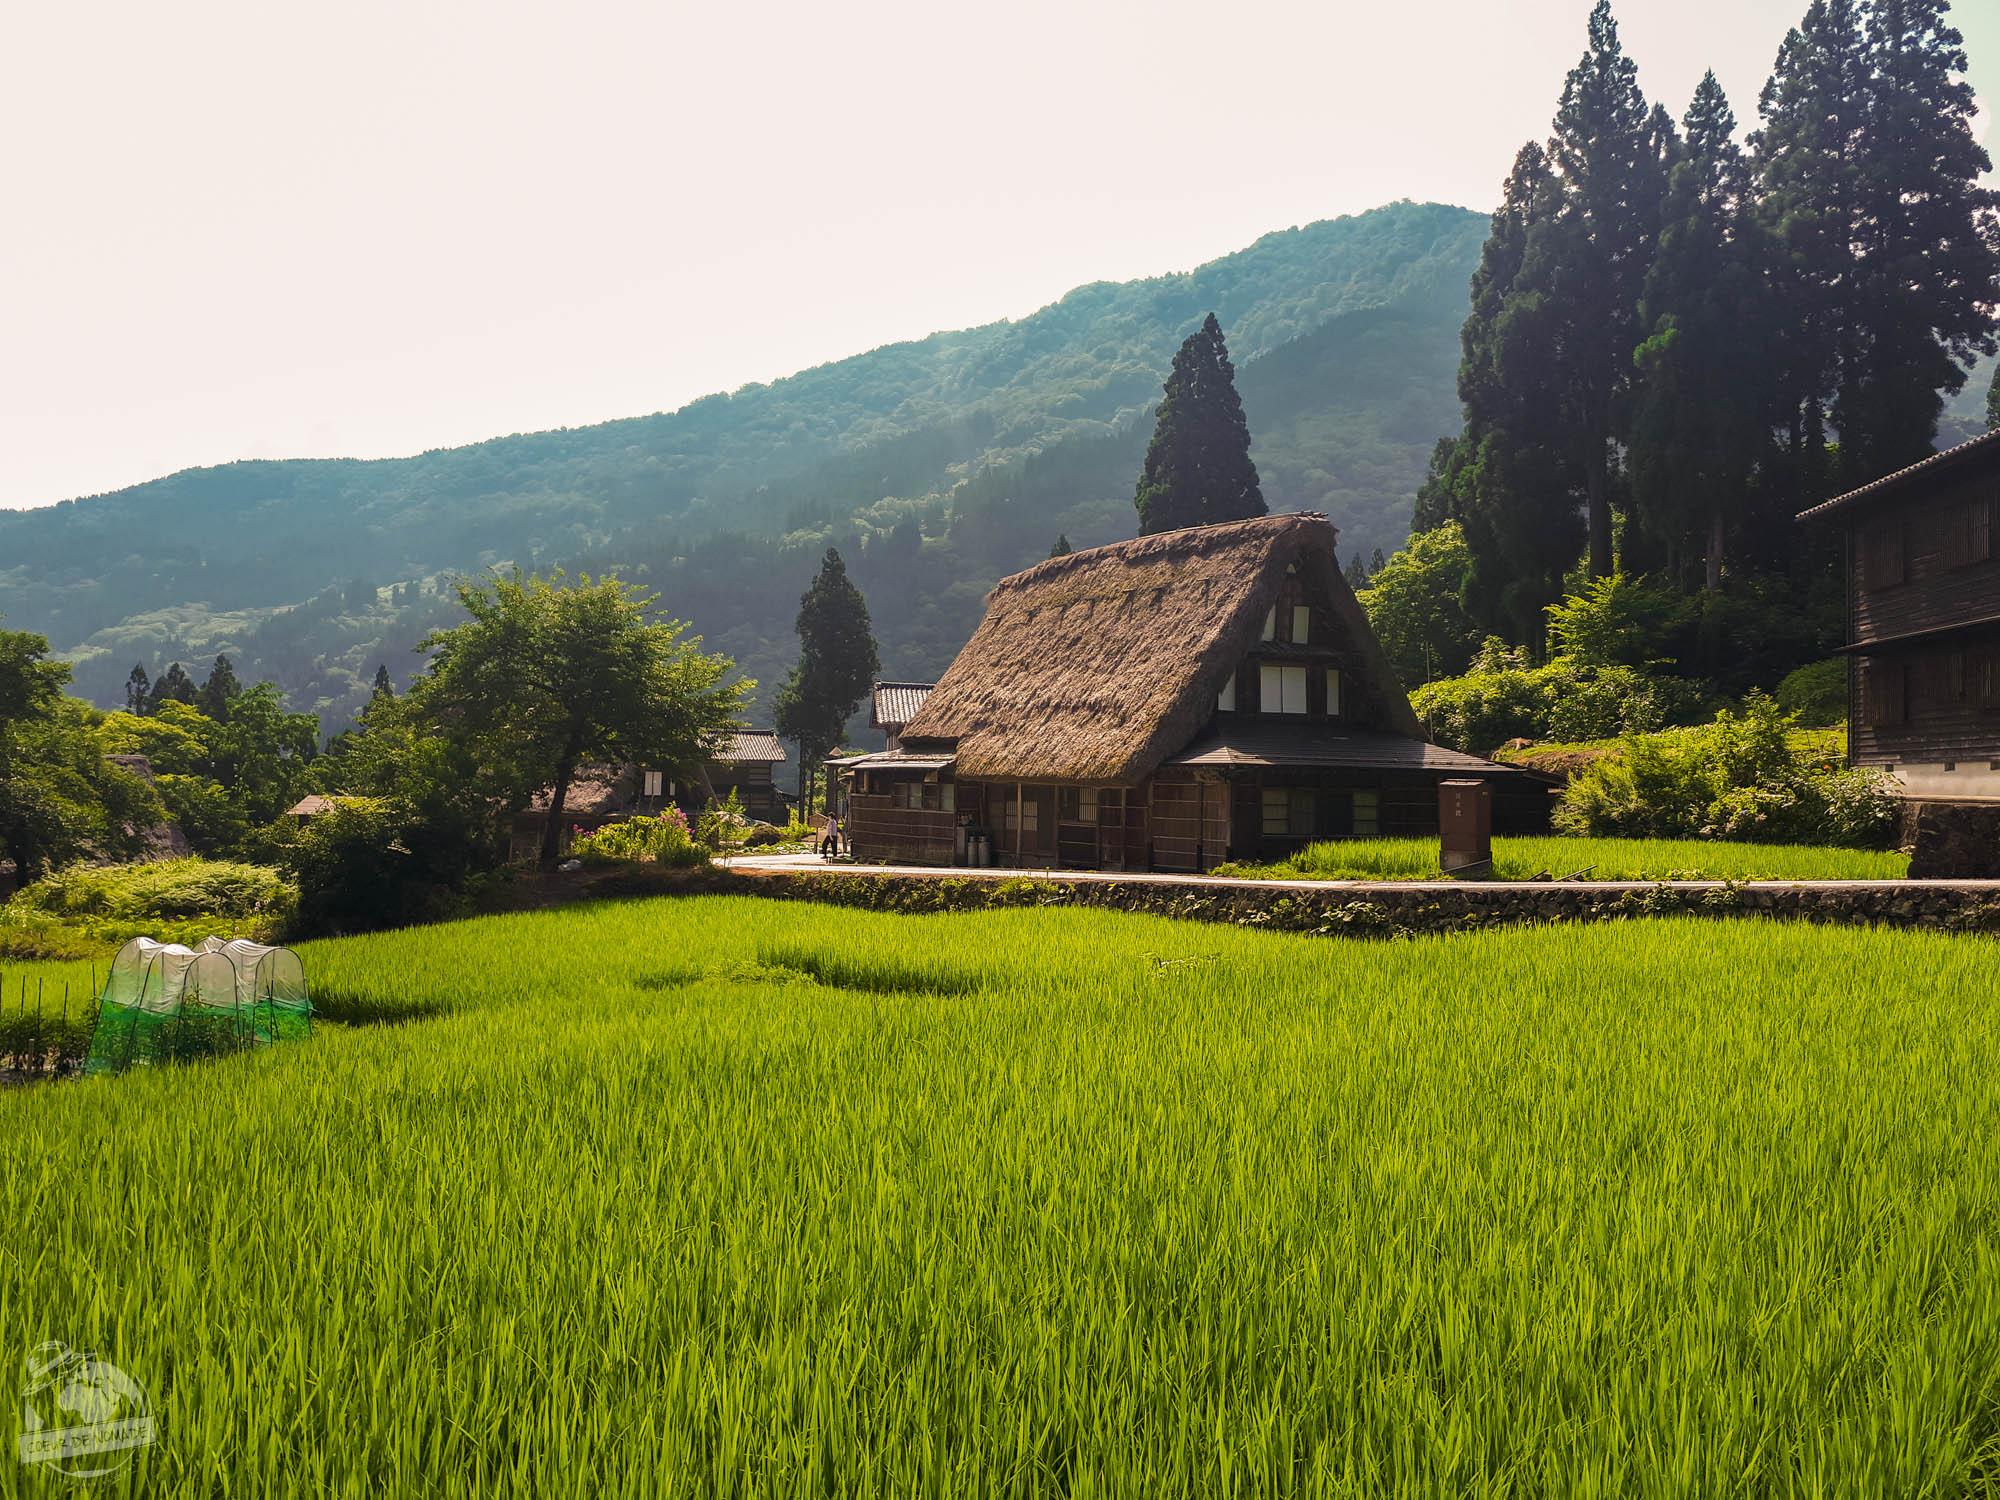 Maison-toit-de-chaume-dans-village-Gassho